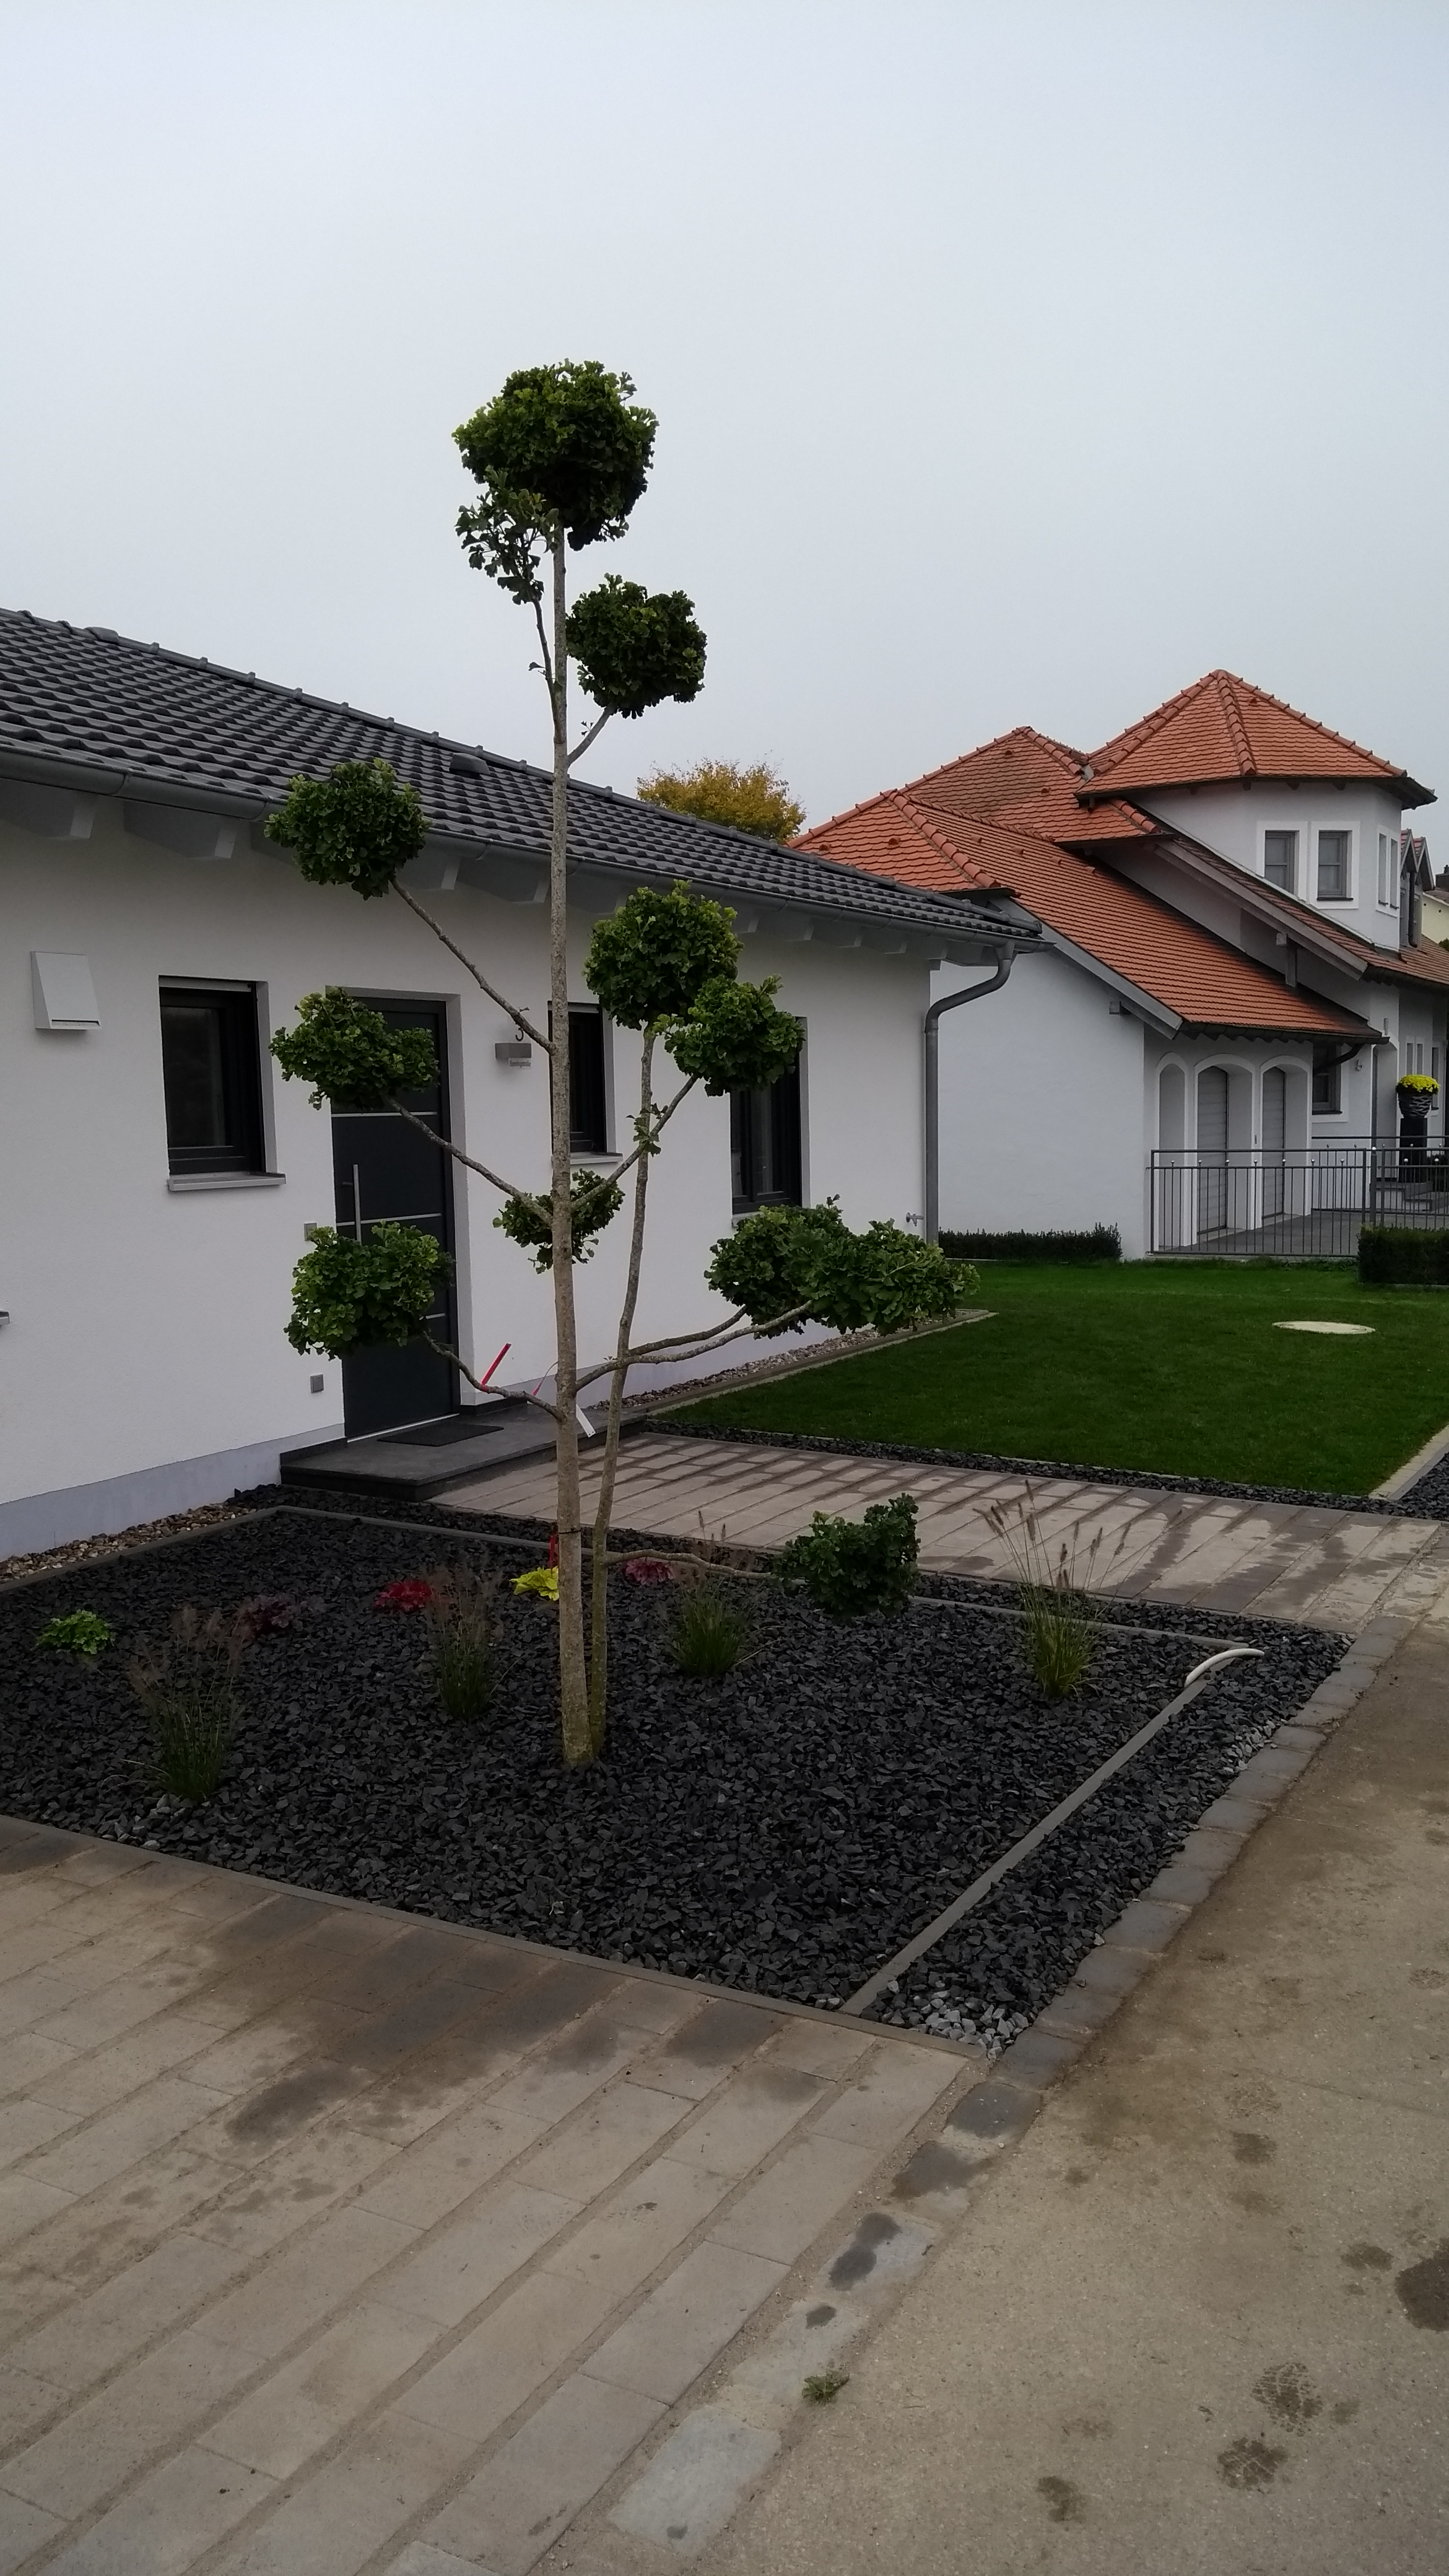 Garten Und Landschaftsbau Ingolstadt pflasterbau ingolstadt cs pflasterbau eu